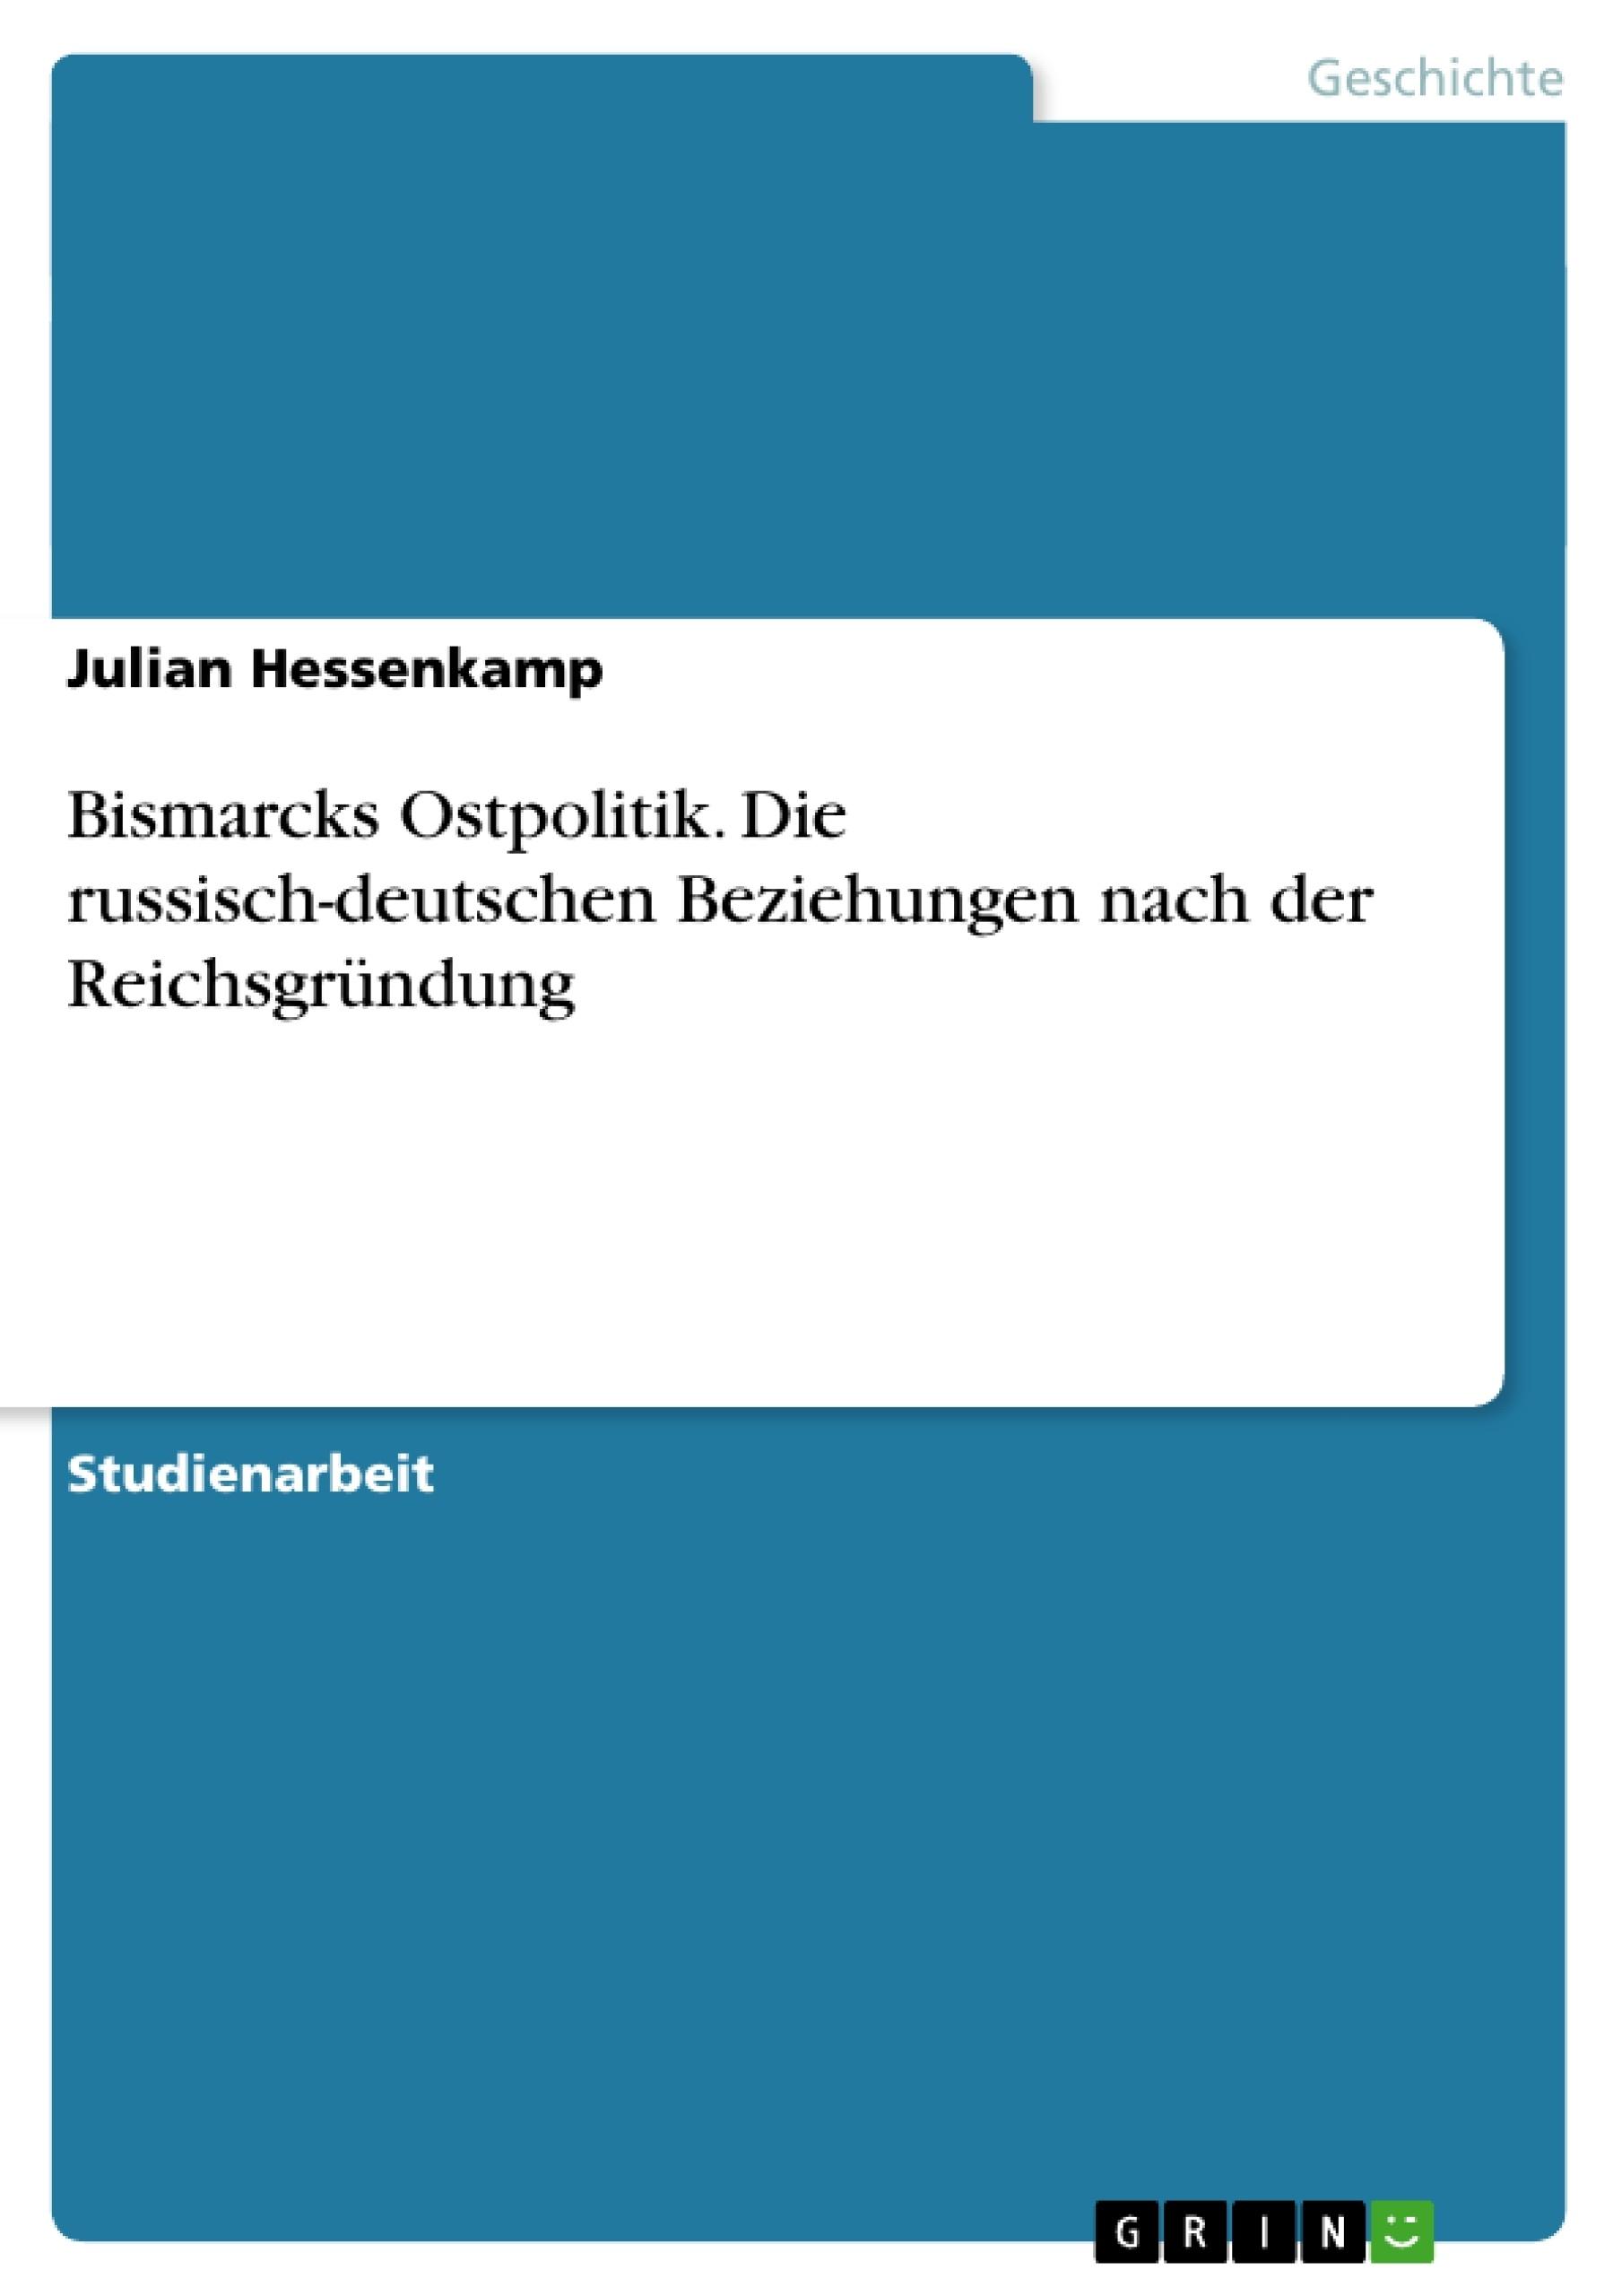 Titel: Bismarcks Ostpolitik. Die russisch-deutschen Beziehungen nach der Reichsgründung